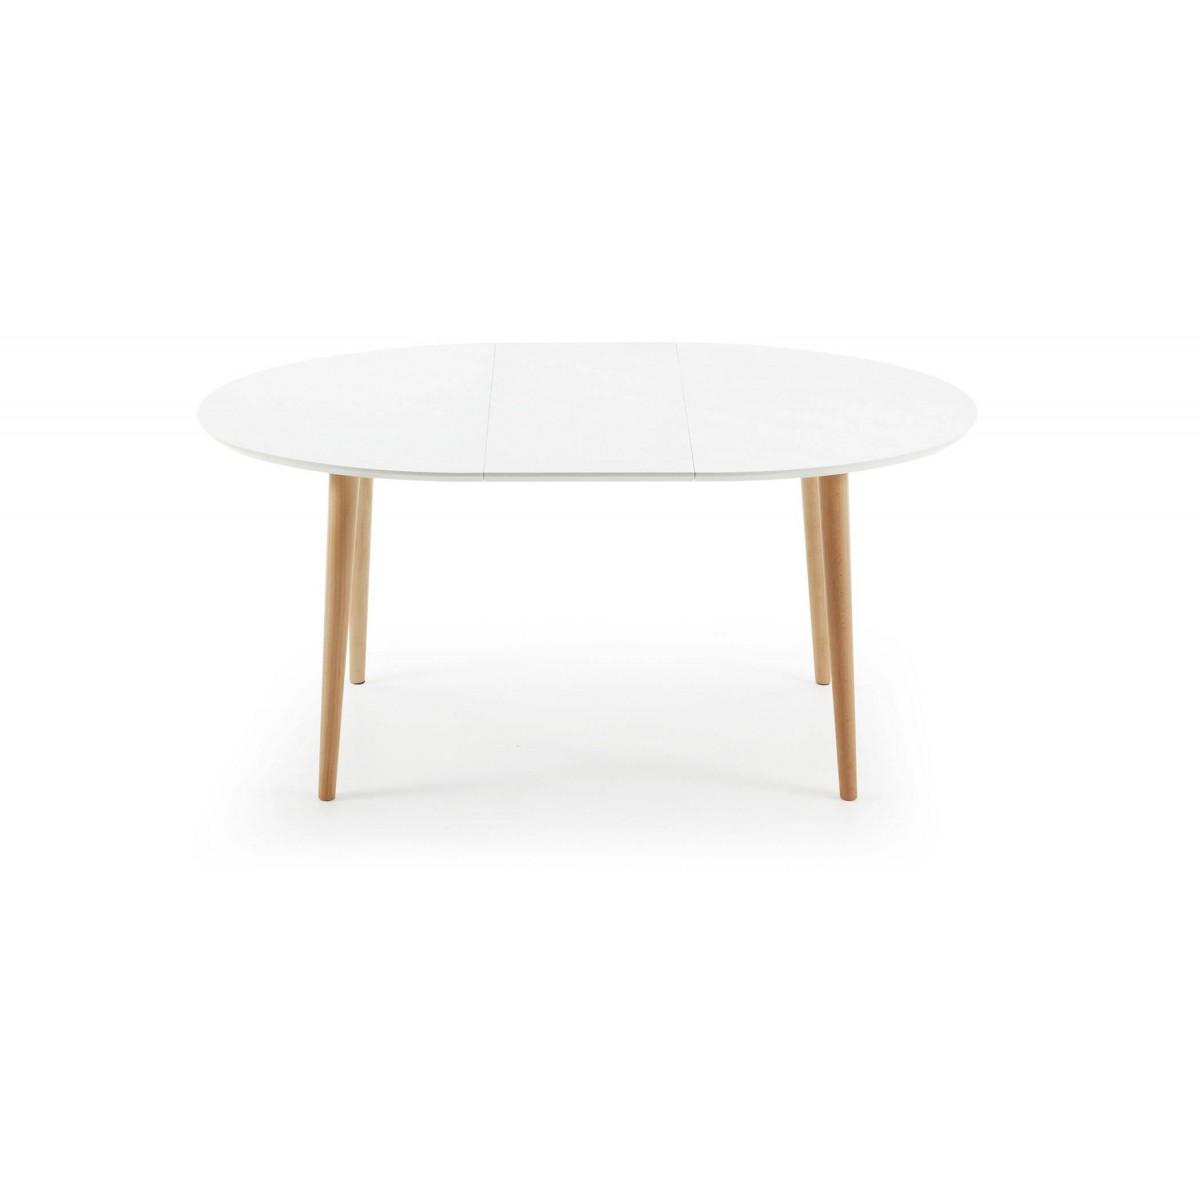 Mesa extensible madera lacada blanca scandy for Limpiar madera lacada